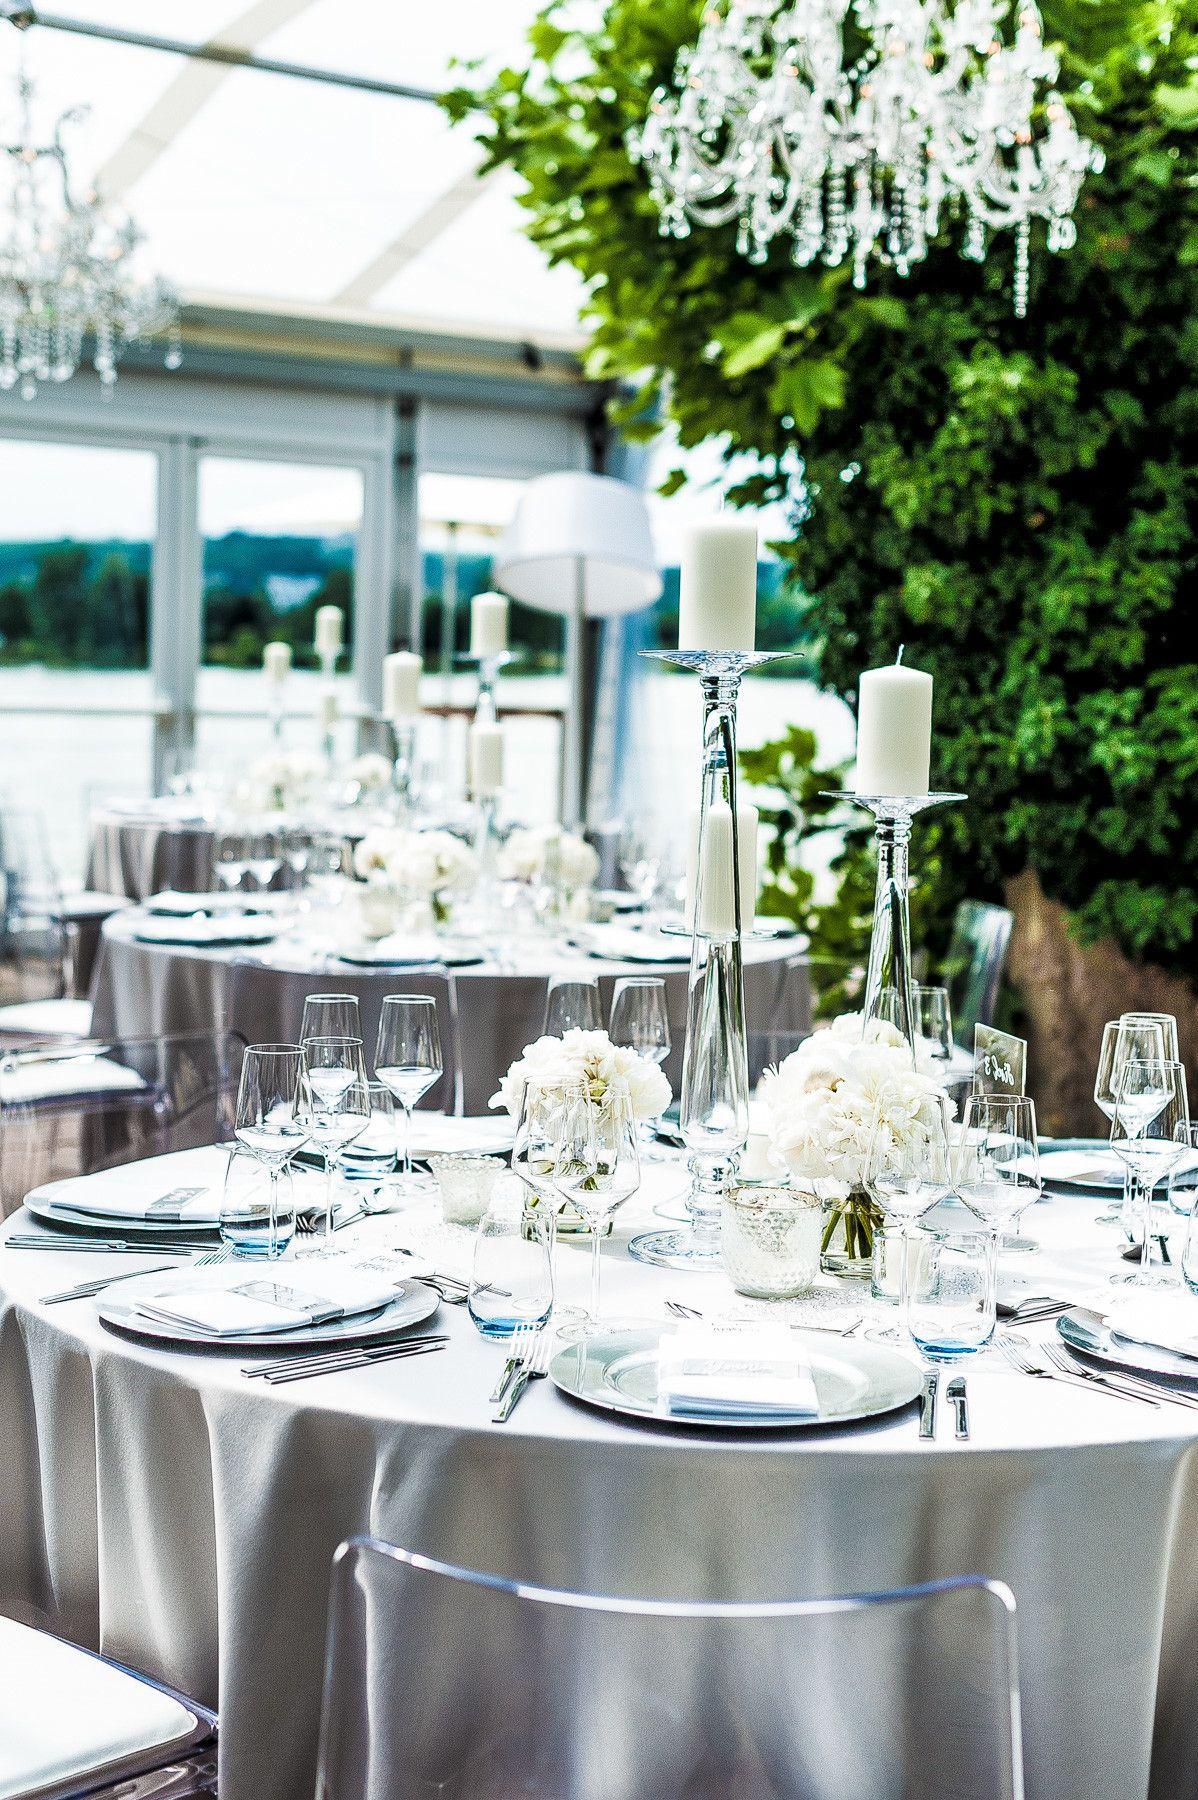 Elegante Hochzeit Im Zelt Elegante Hochzeit Hochzeitsdekoration Hochzeit